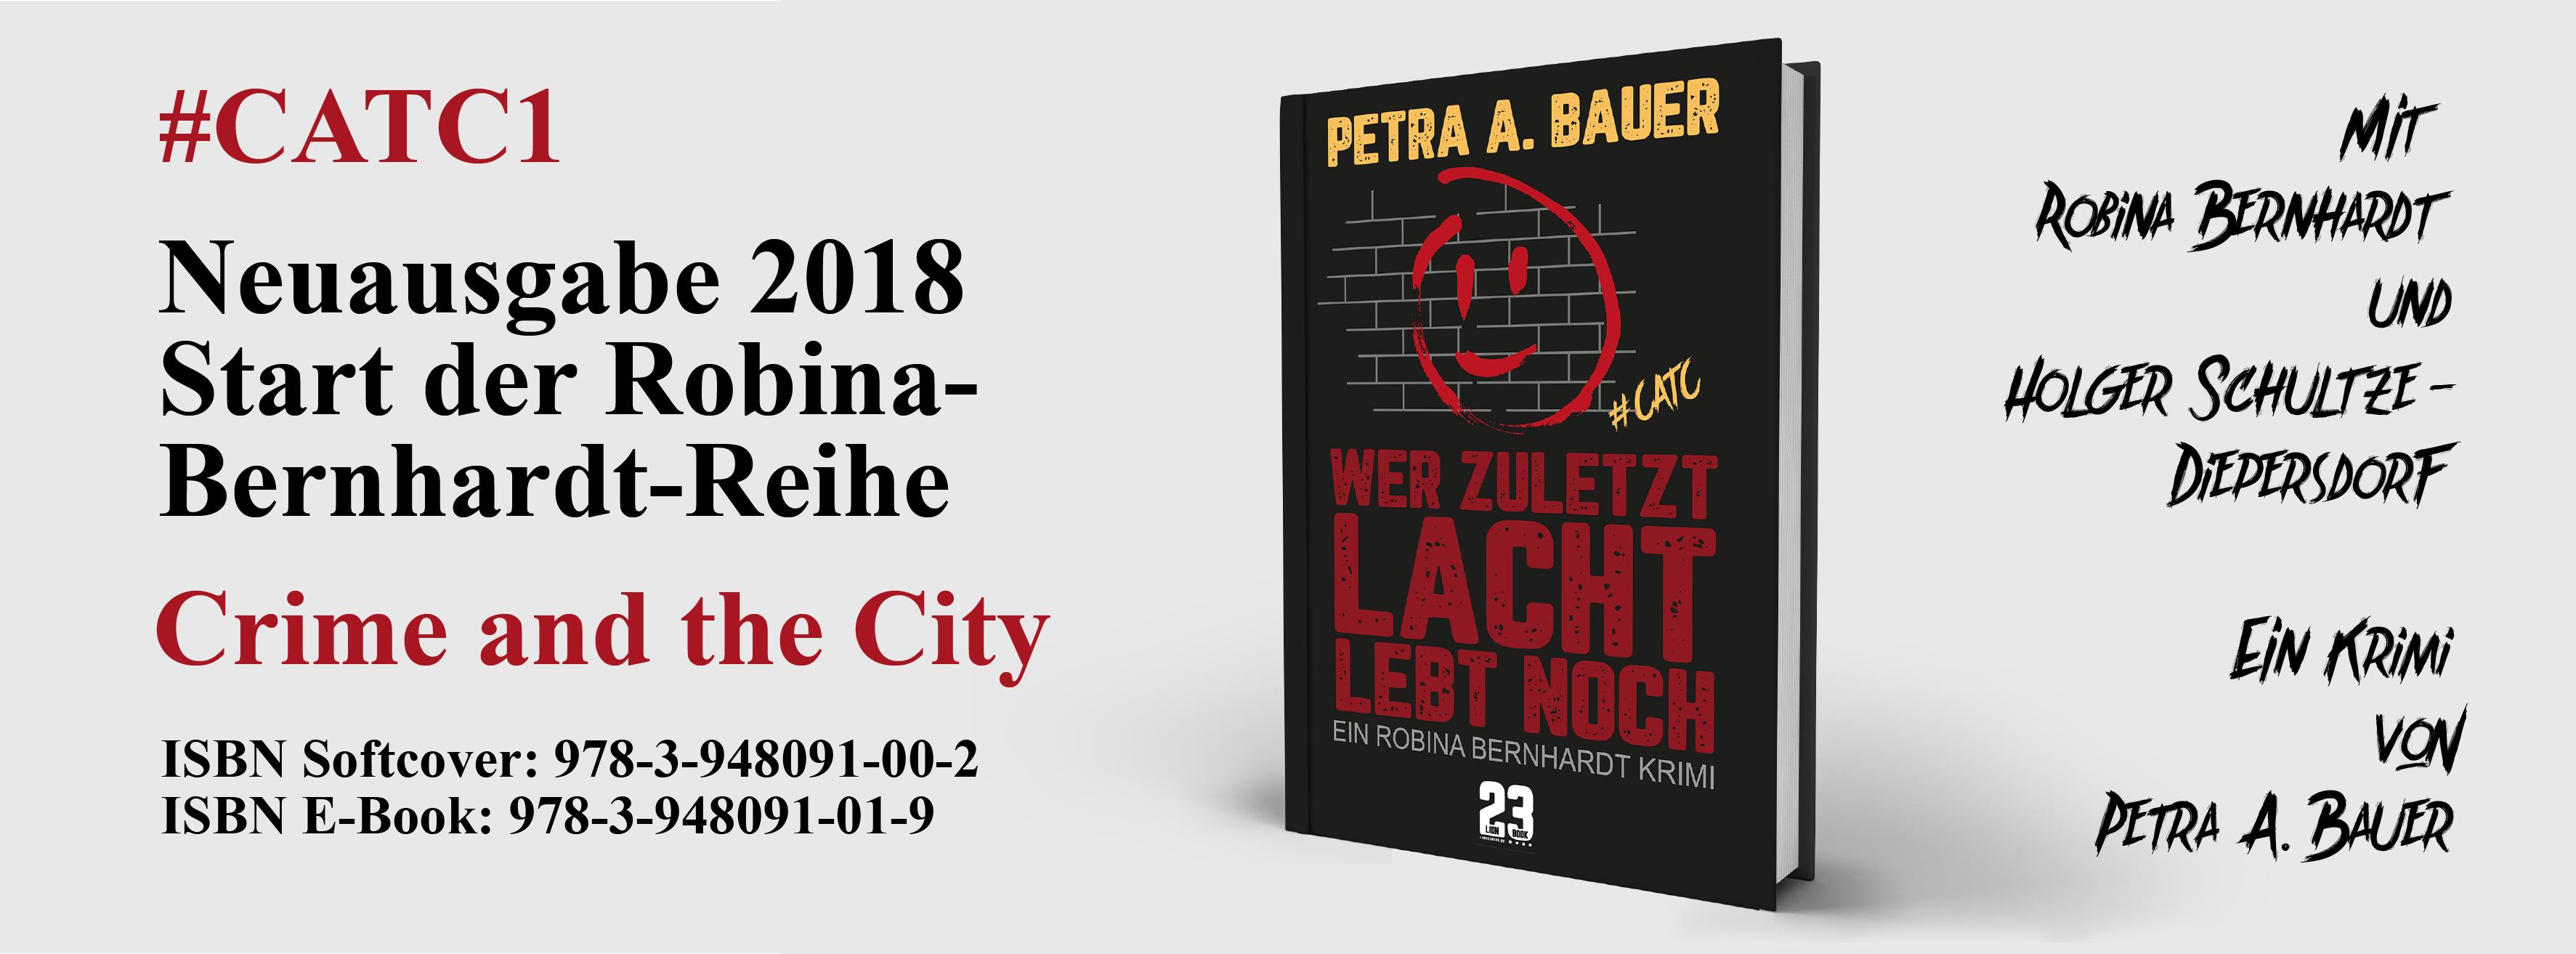 Wer zuletzt lacht, lebt noch von Petra A. Bauer. Überarbeitete Ausgabe 2018